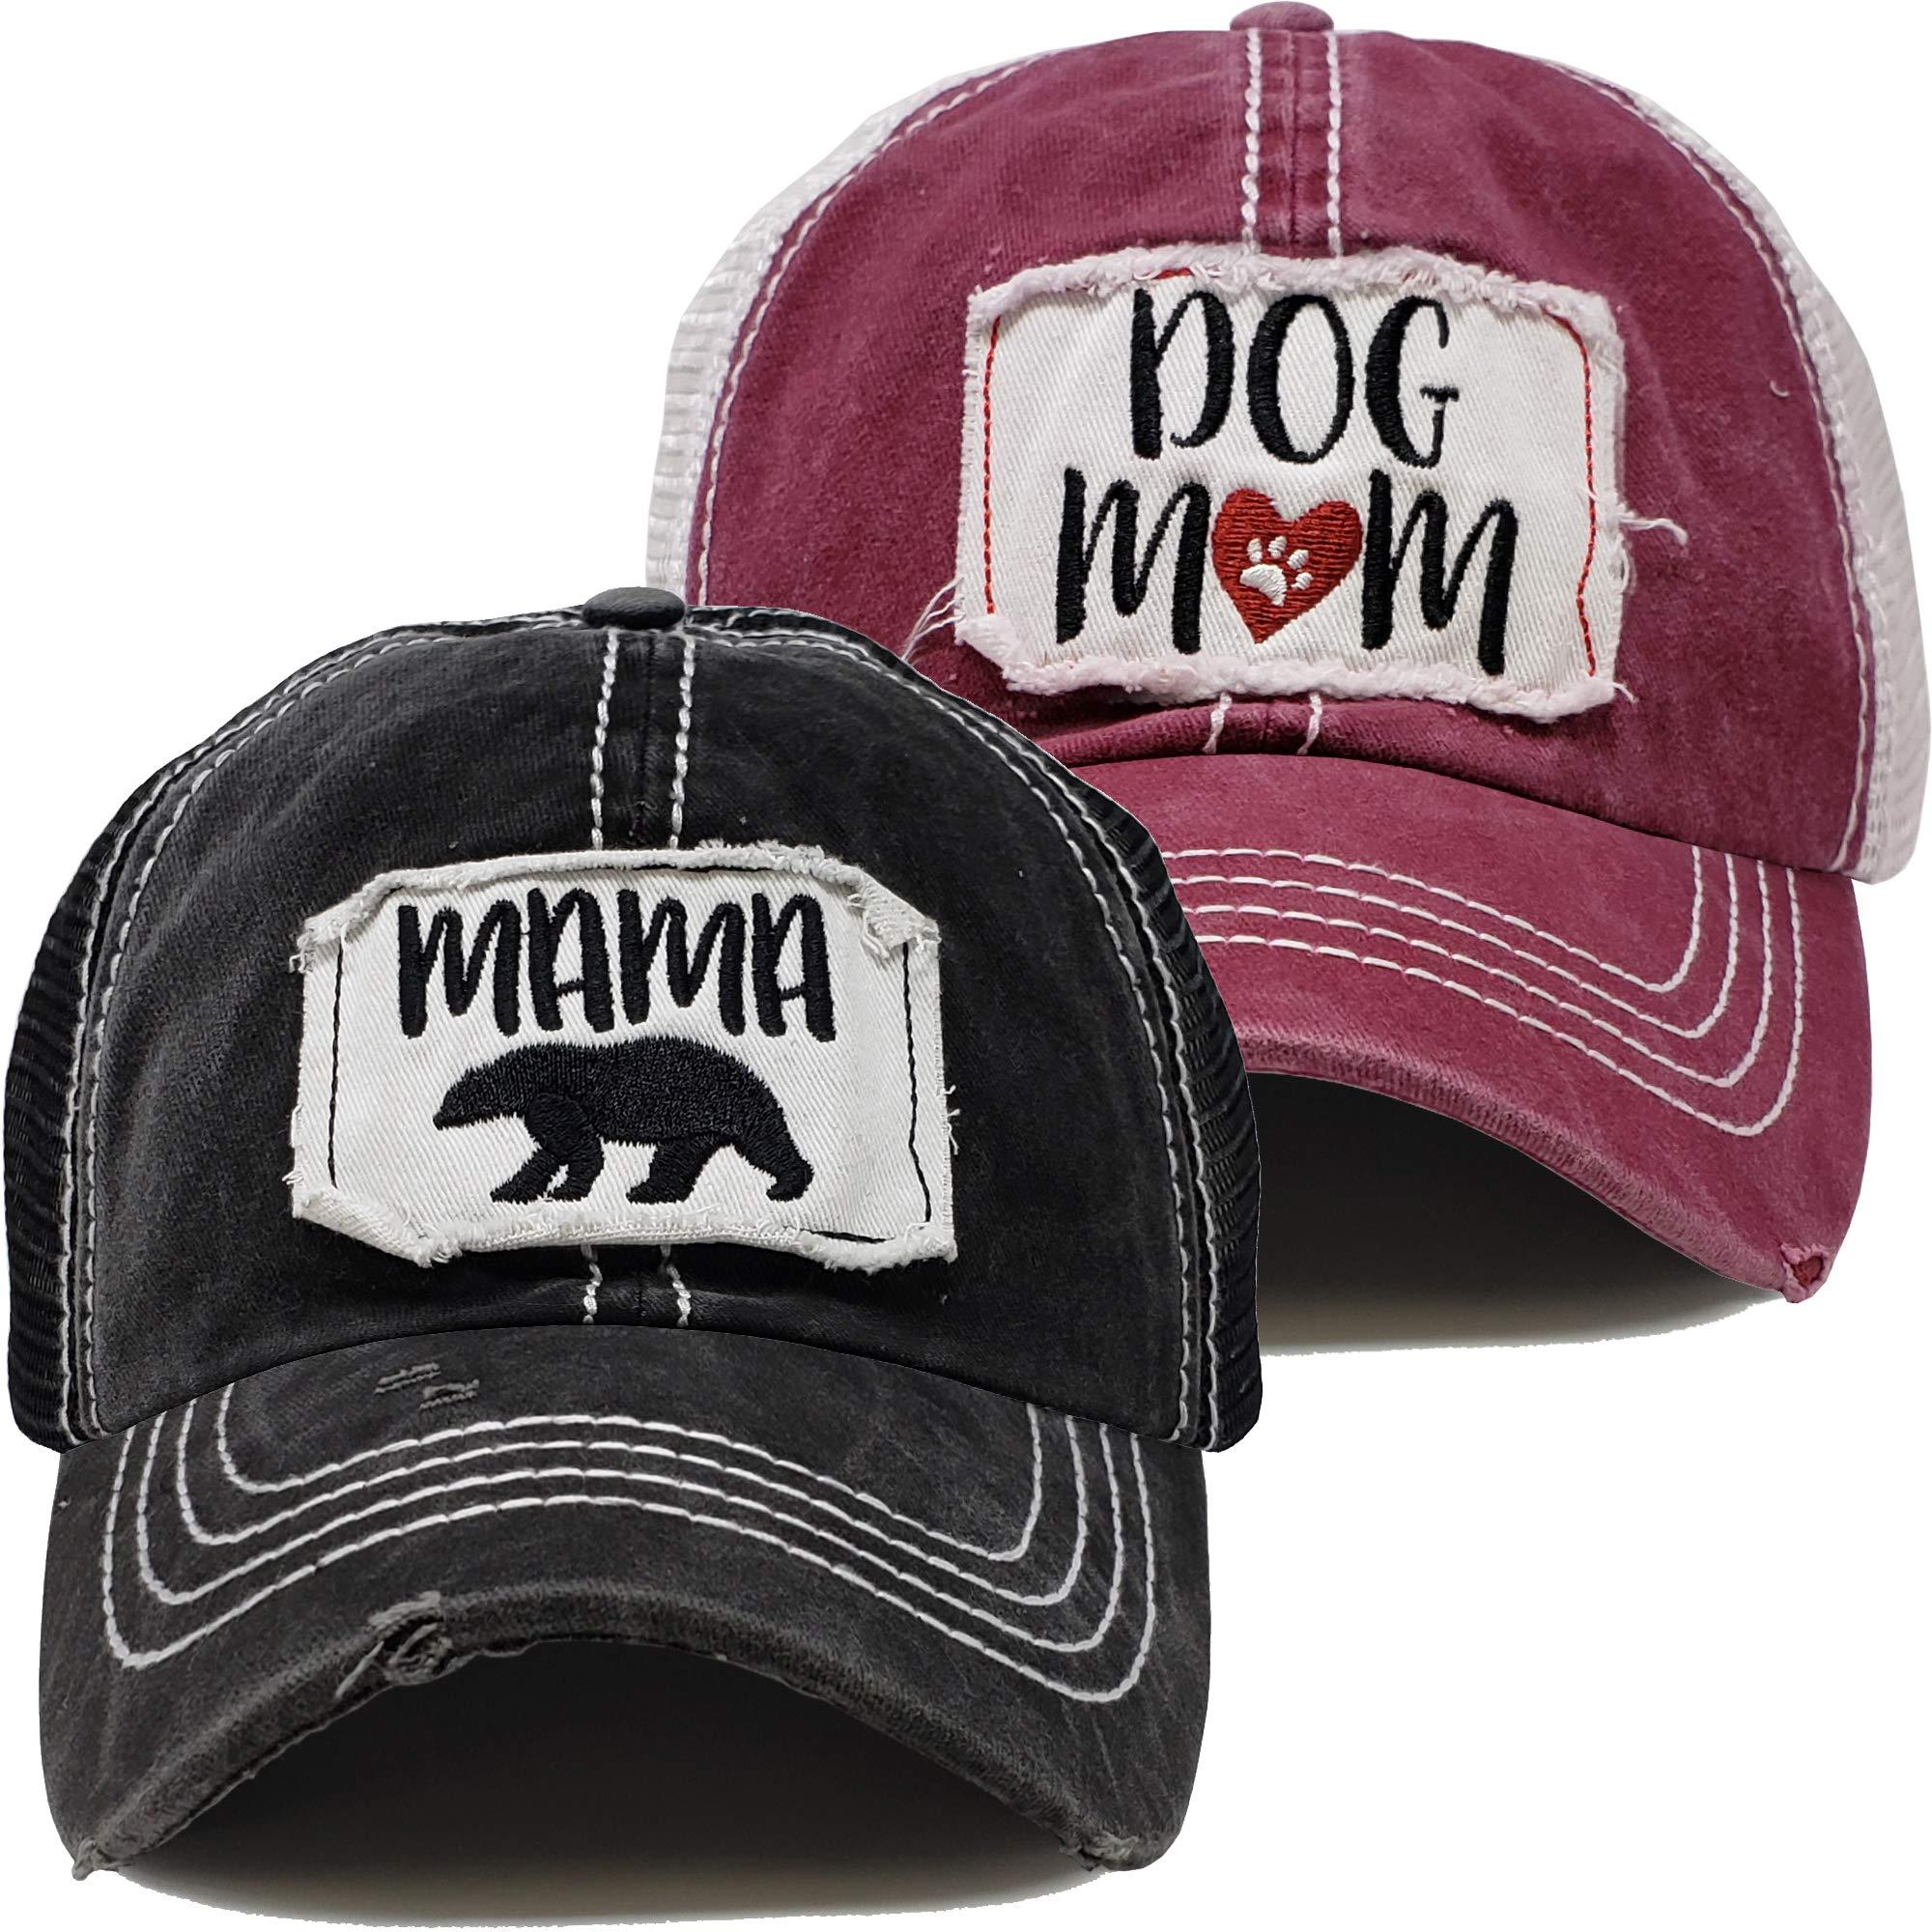 BH-200-2-DM64.MB06 Baseball Hat - 2 PK: Dog Mom (Burgundy) MAMA BEAR (Black)